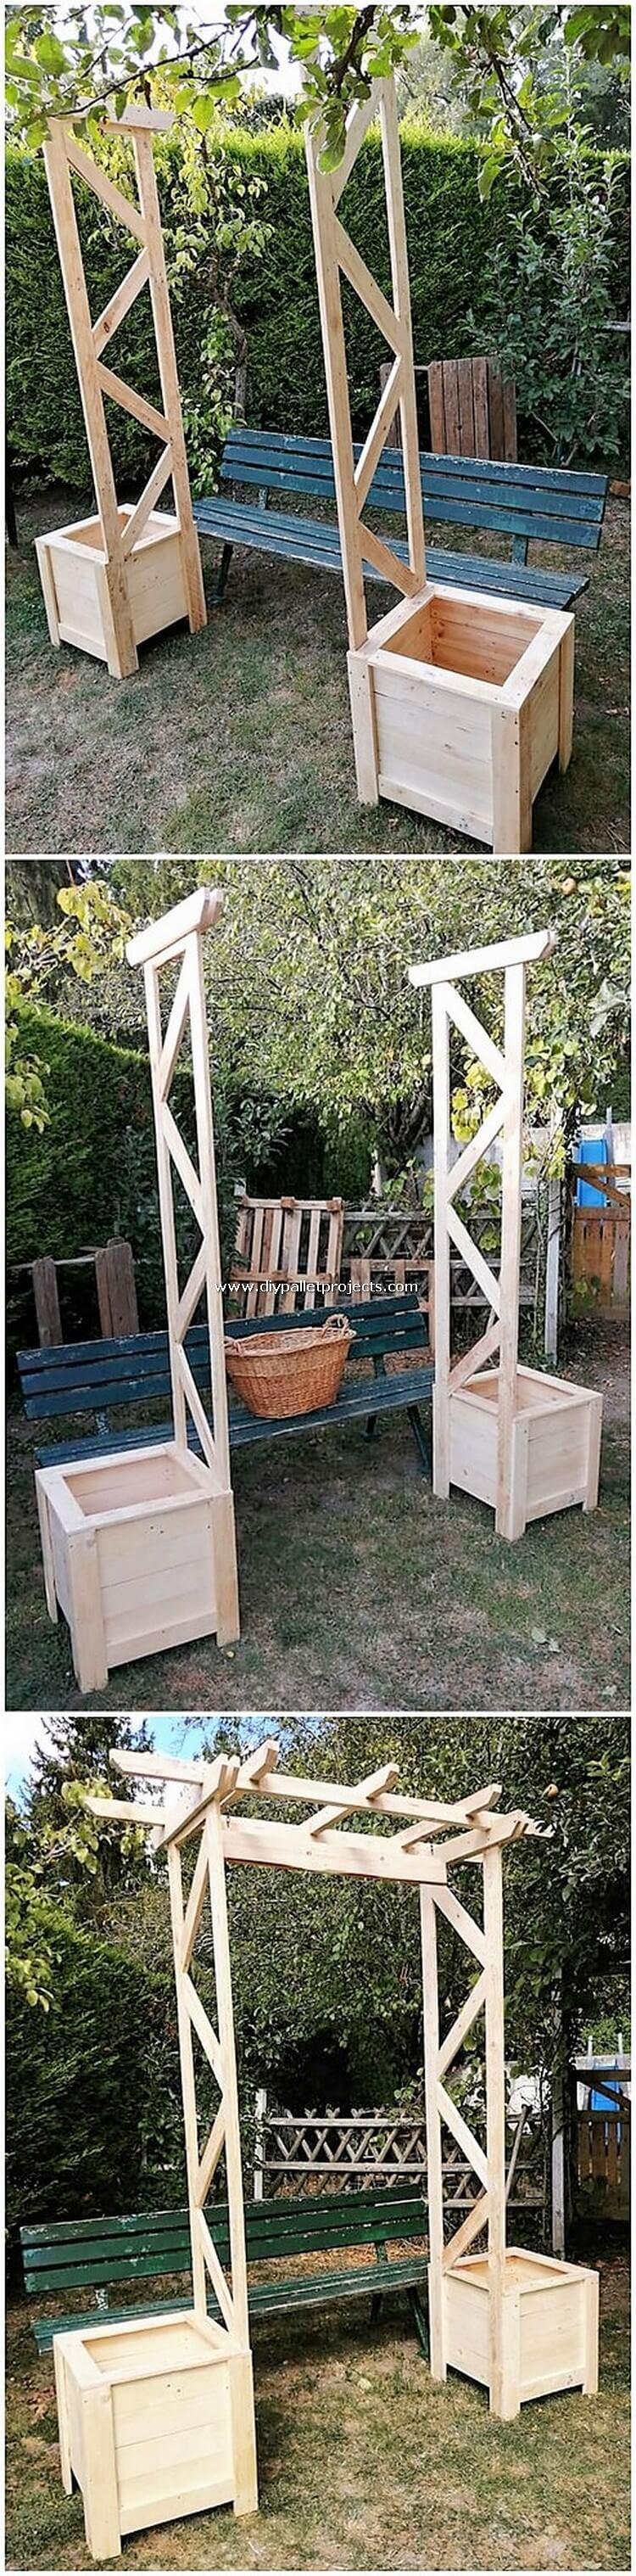 DIY Pallet Garden Entrance